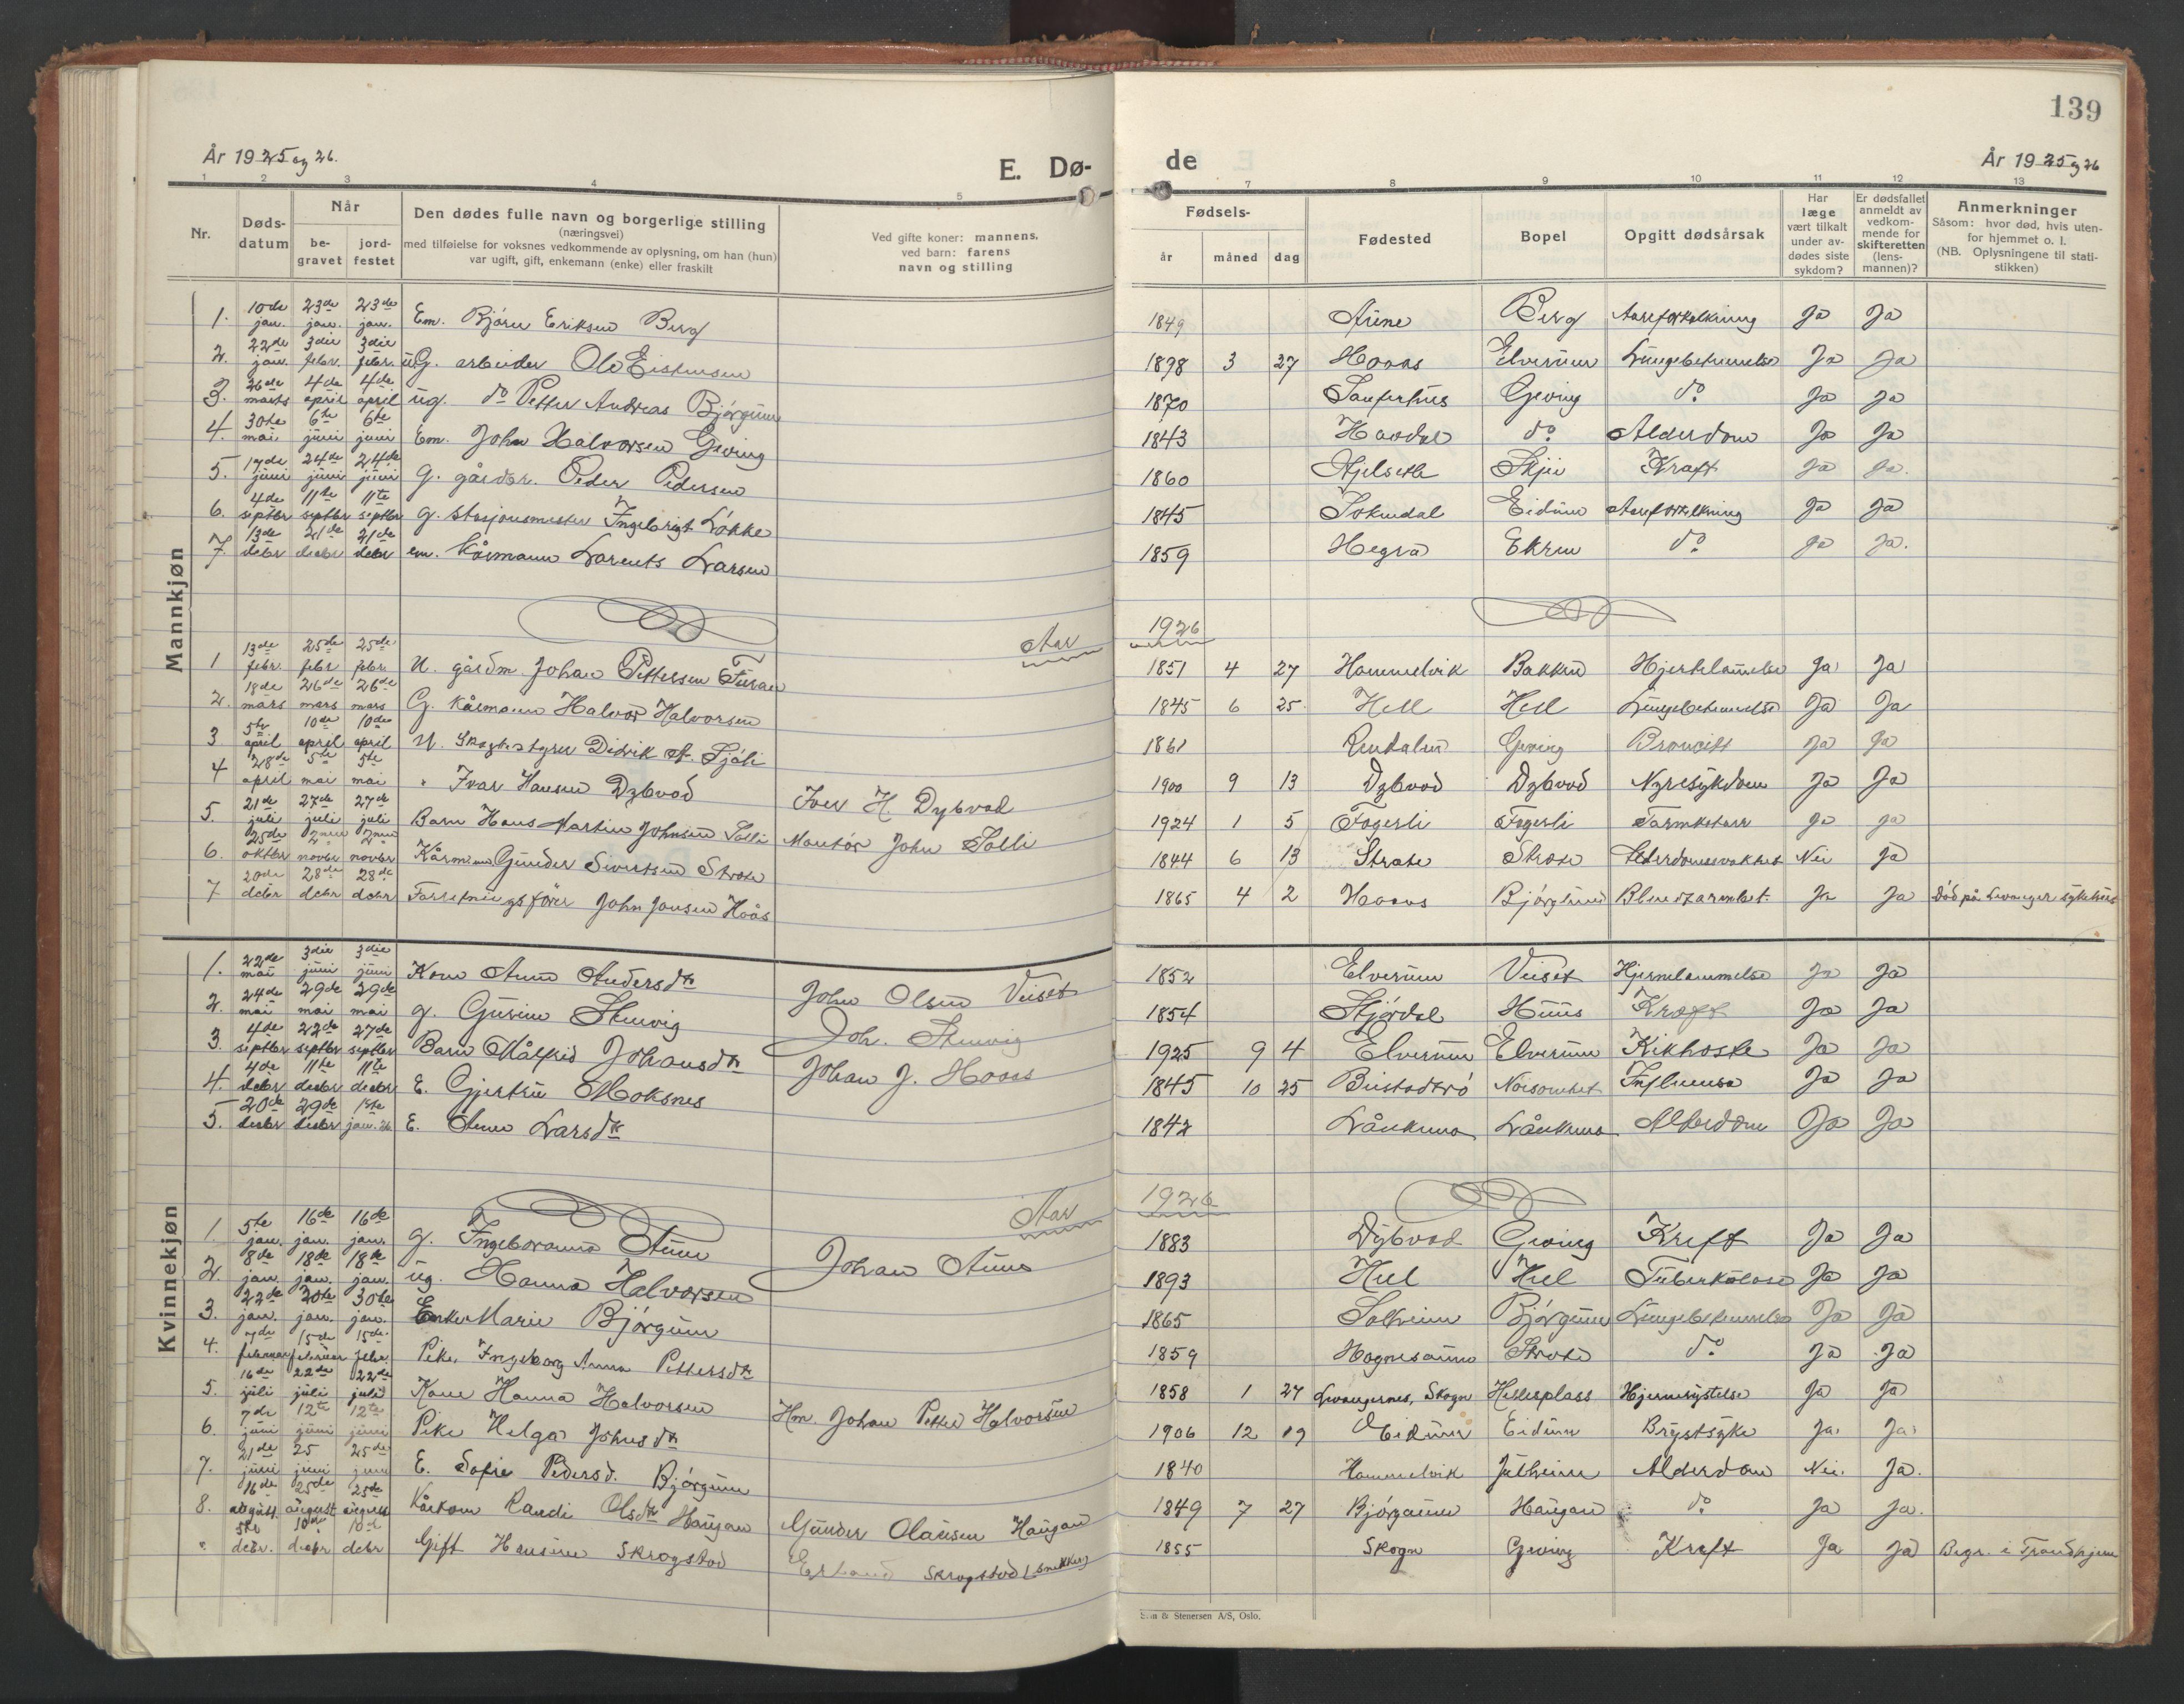 SAT, Ministerialprotokoller, klokkerbøker og fødselsregistre - Nord-Trøndelag, 710/L0097: Klokkerbok nr. 710C02, 1925-1955, s. 139